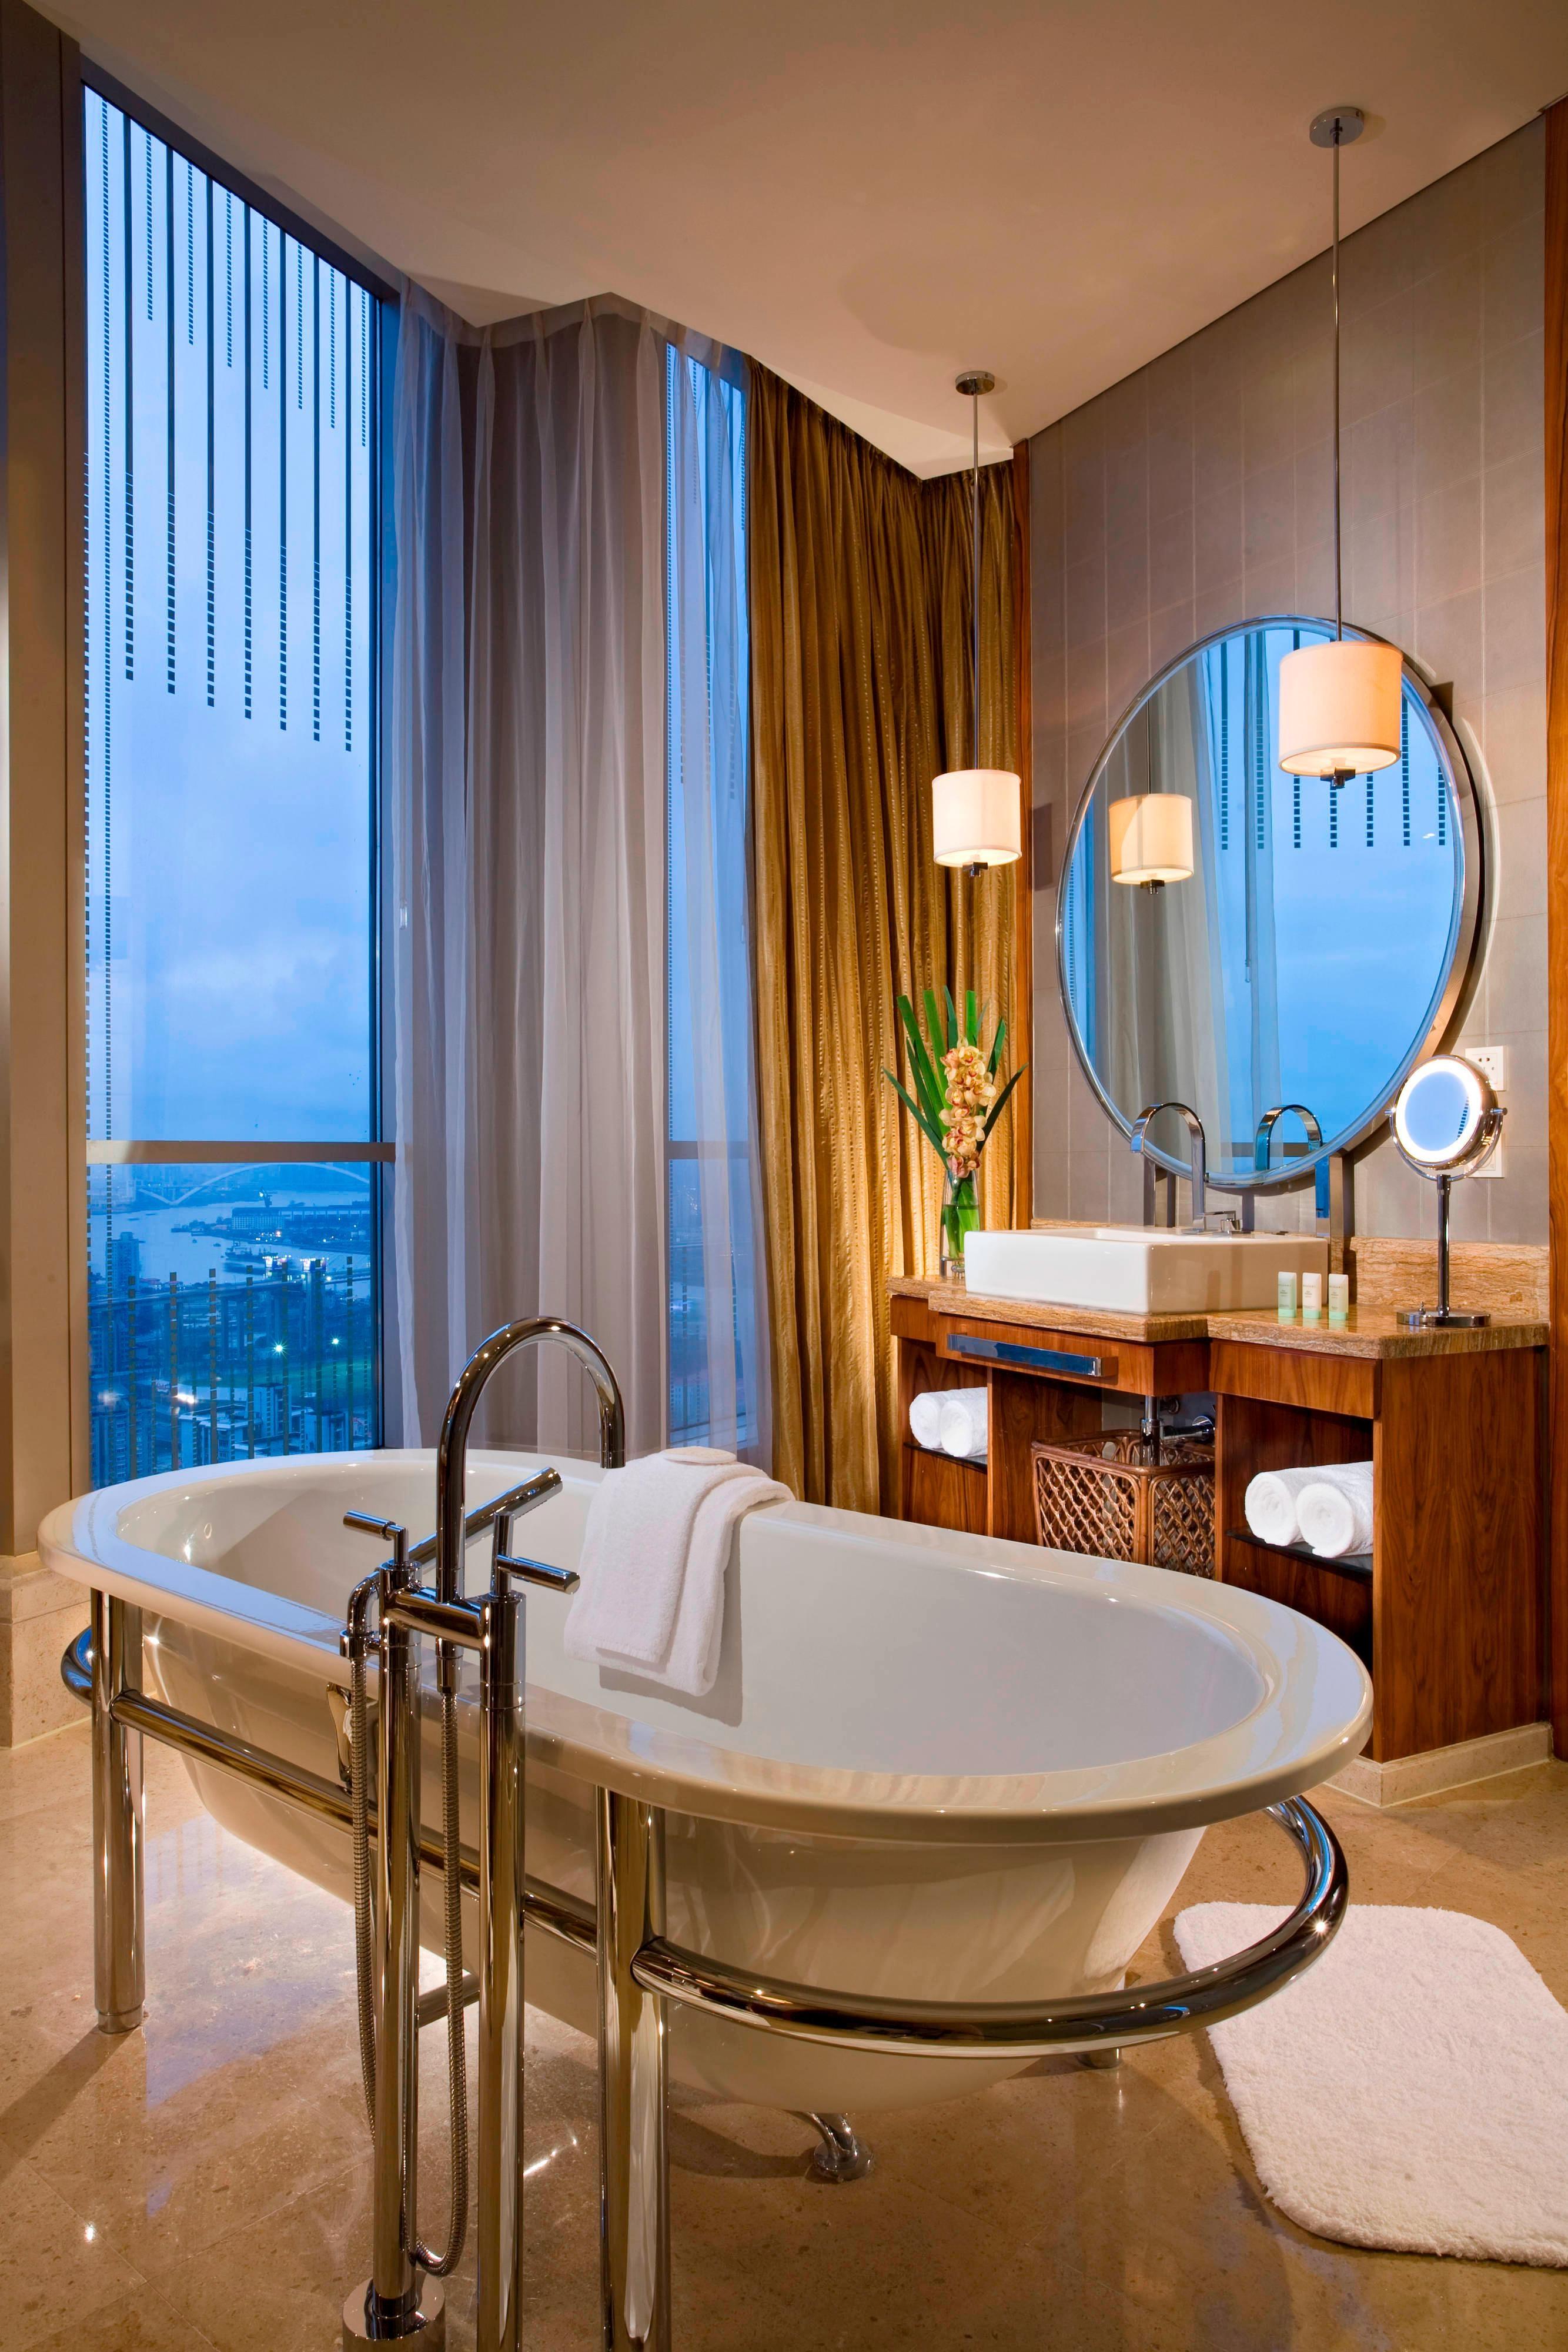 Salle de bain de la suite Executive avec vue de nuit sur le Bund Center